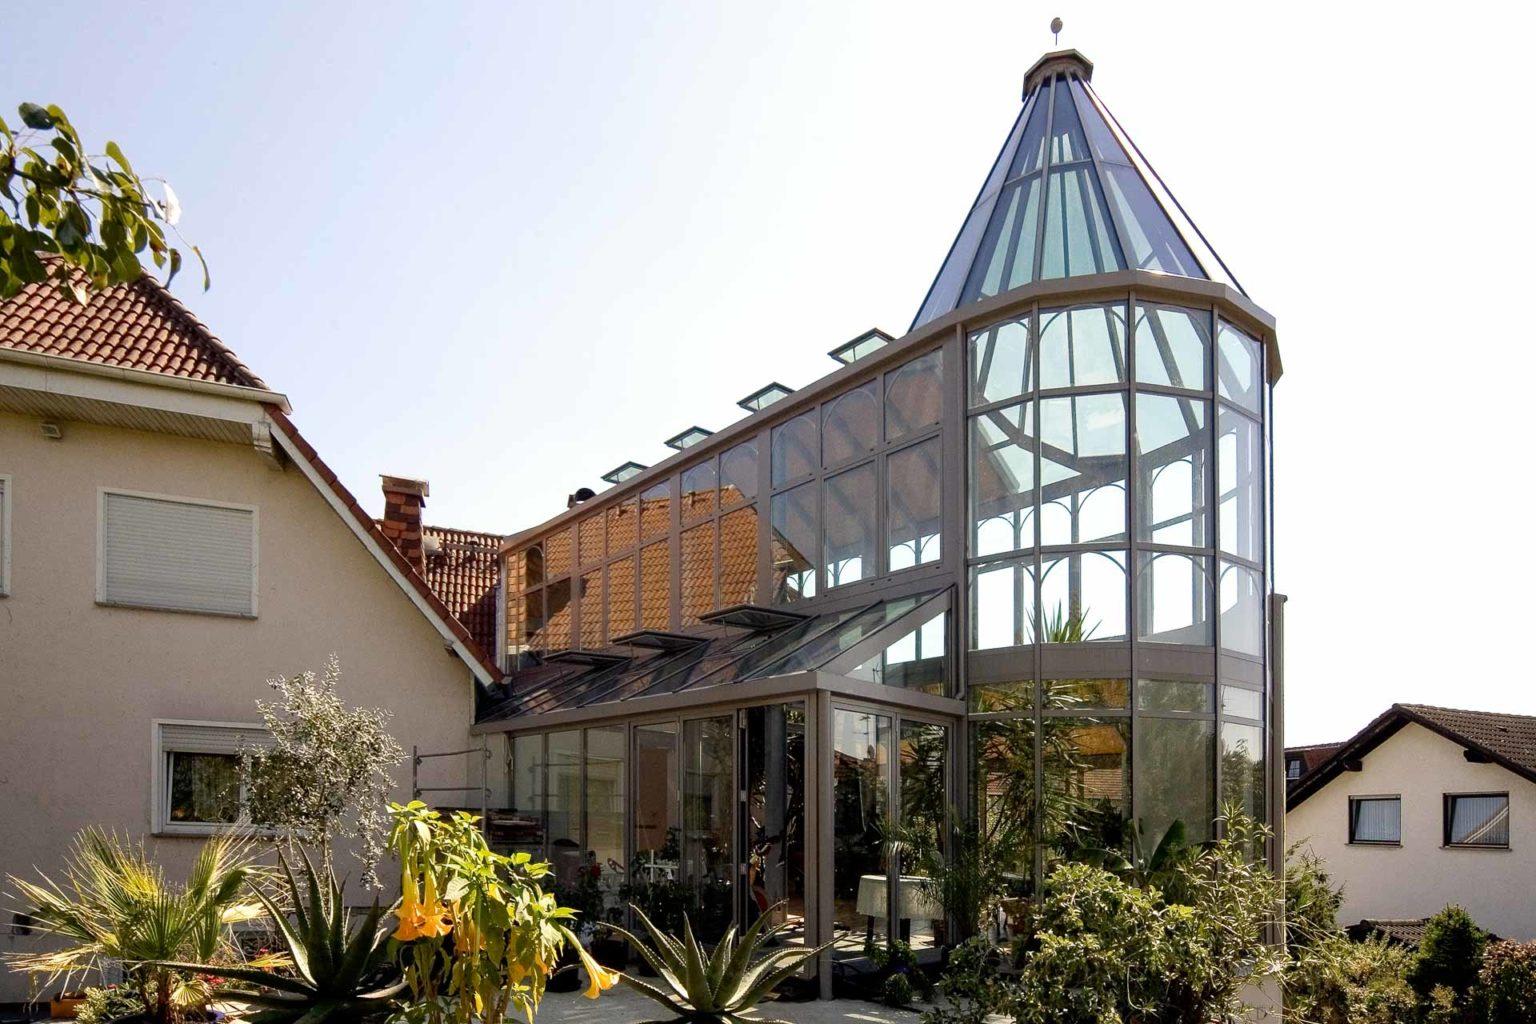 Wintergarten in Wöllstadt (Objekt 982). Privates Palmenhaus mit Turm-, Mittel- udn Seitenschiffen